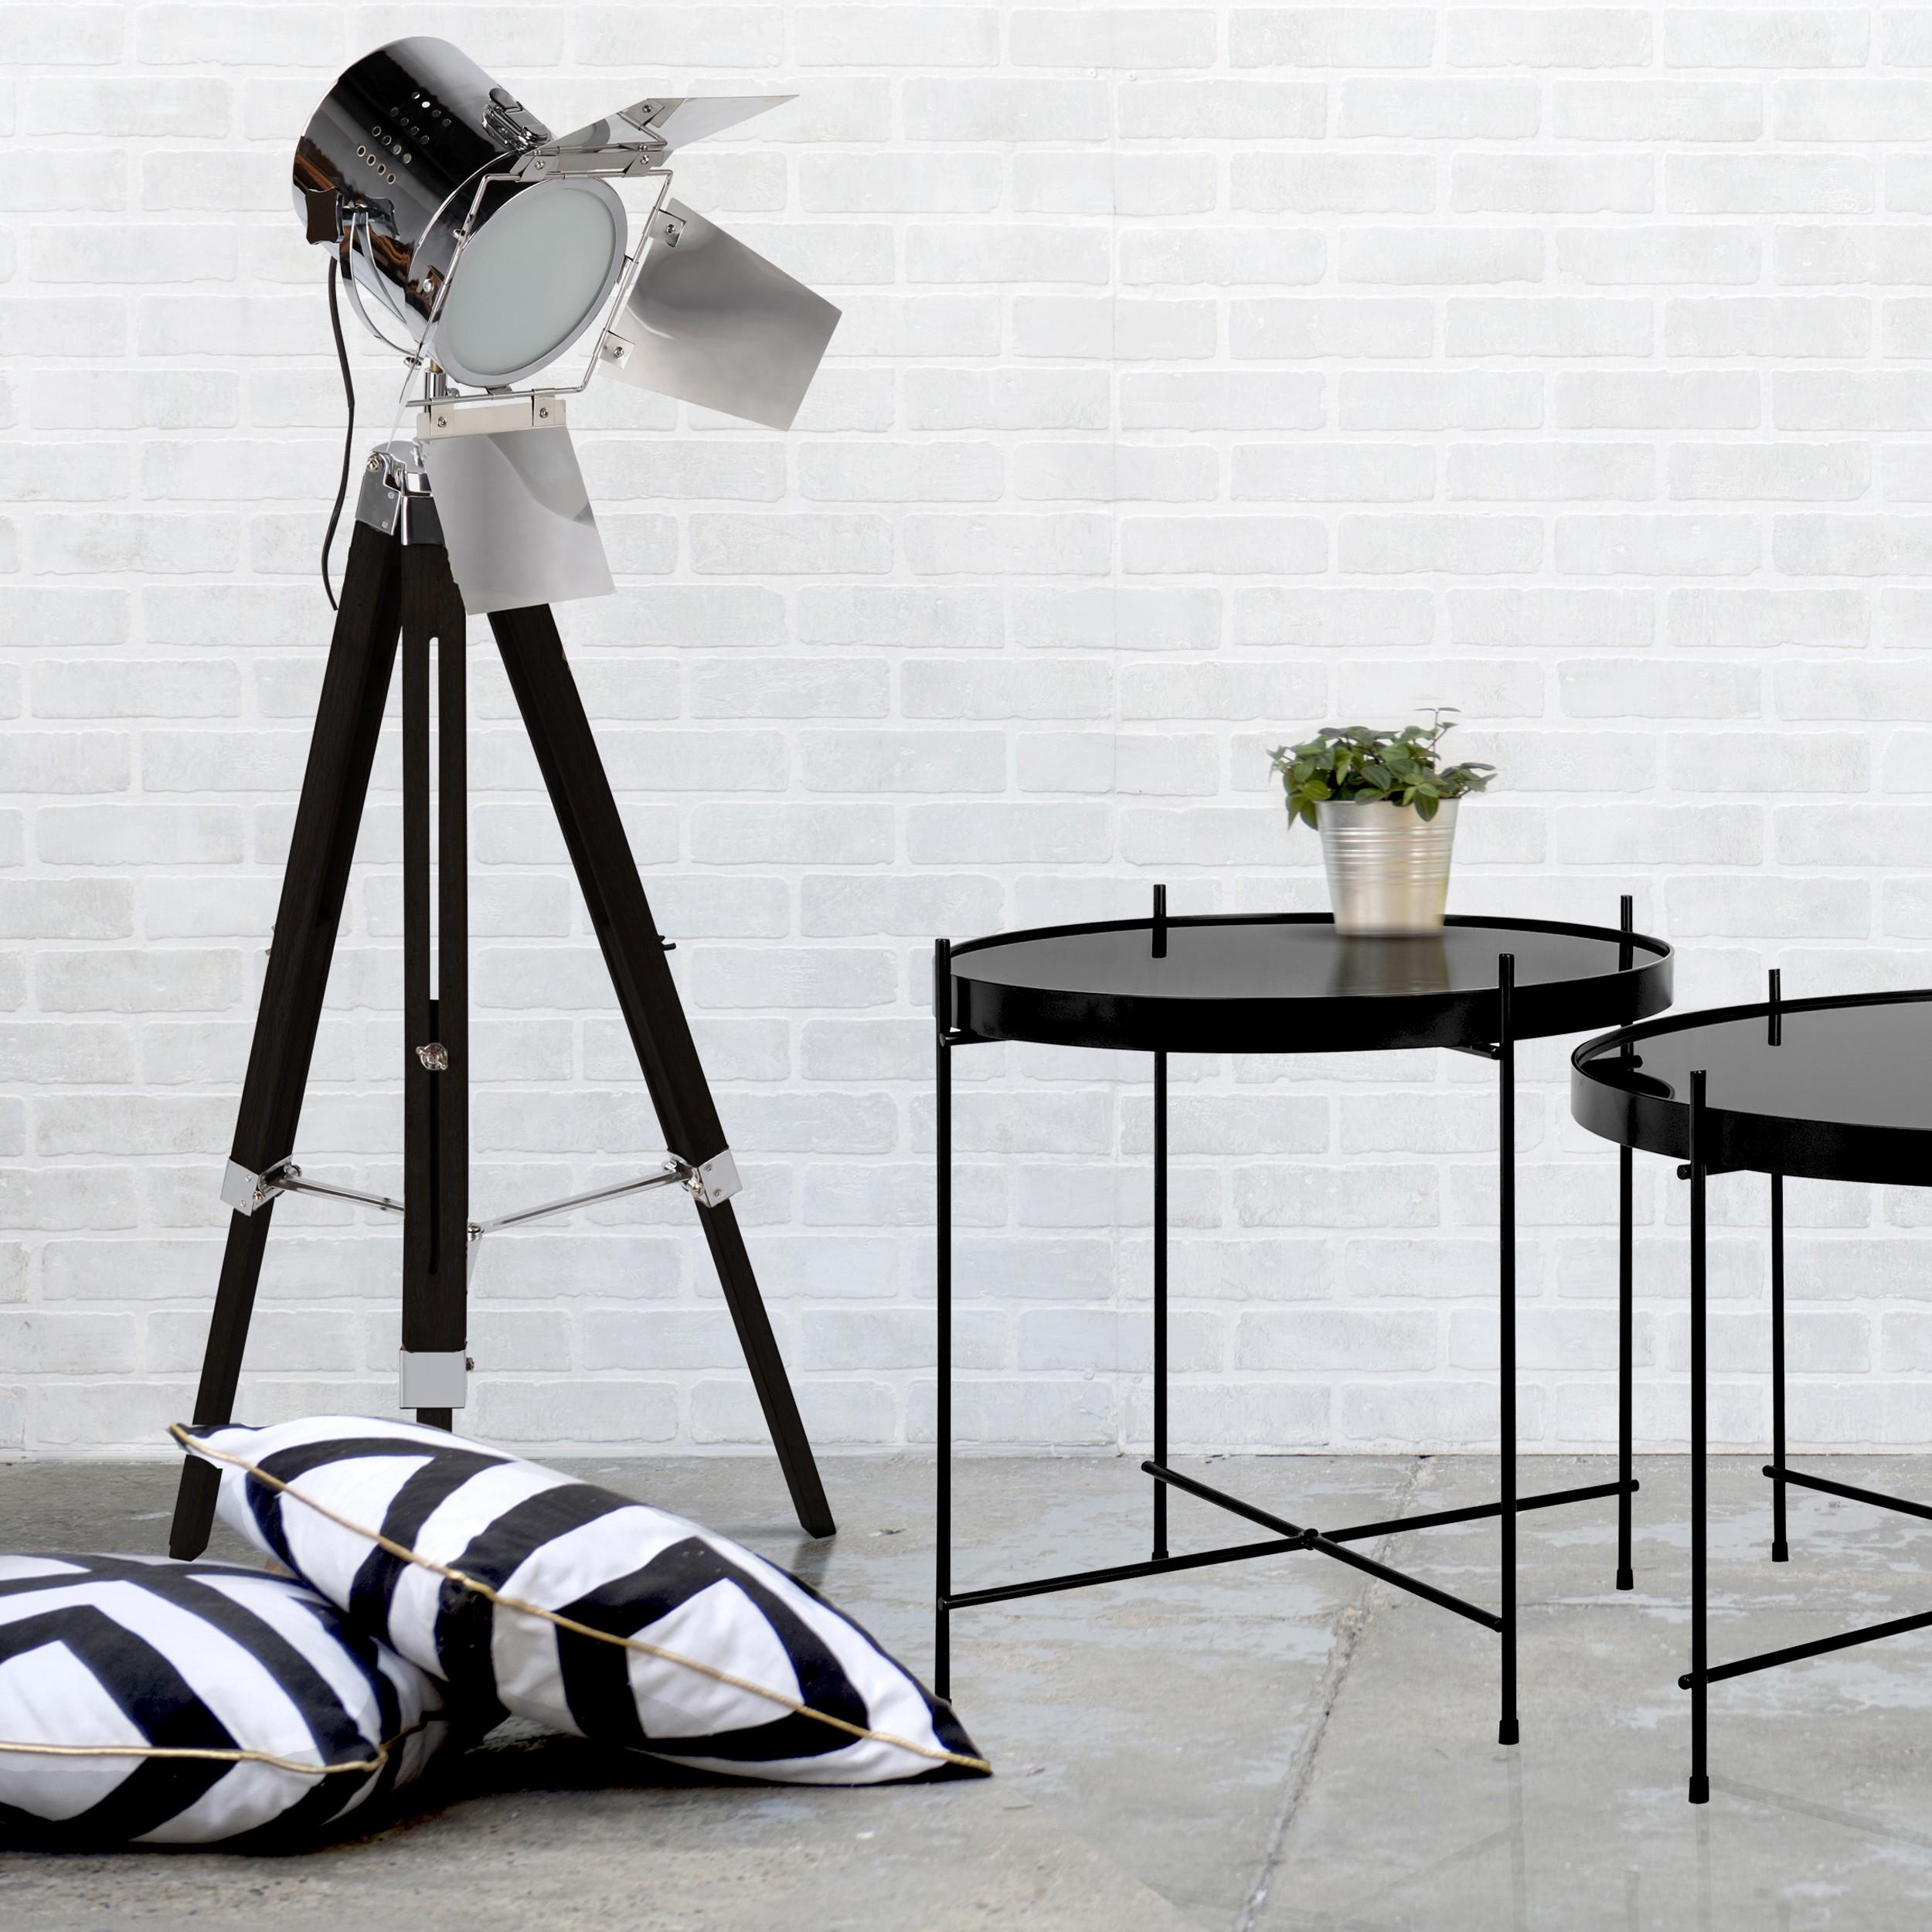 lampadaire cin ma noir commandez nos lampadaires cin ma noirs pas chers rdv d co. Black Bedroom Furniture Sets. Home Design Ideas